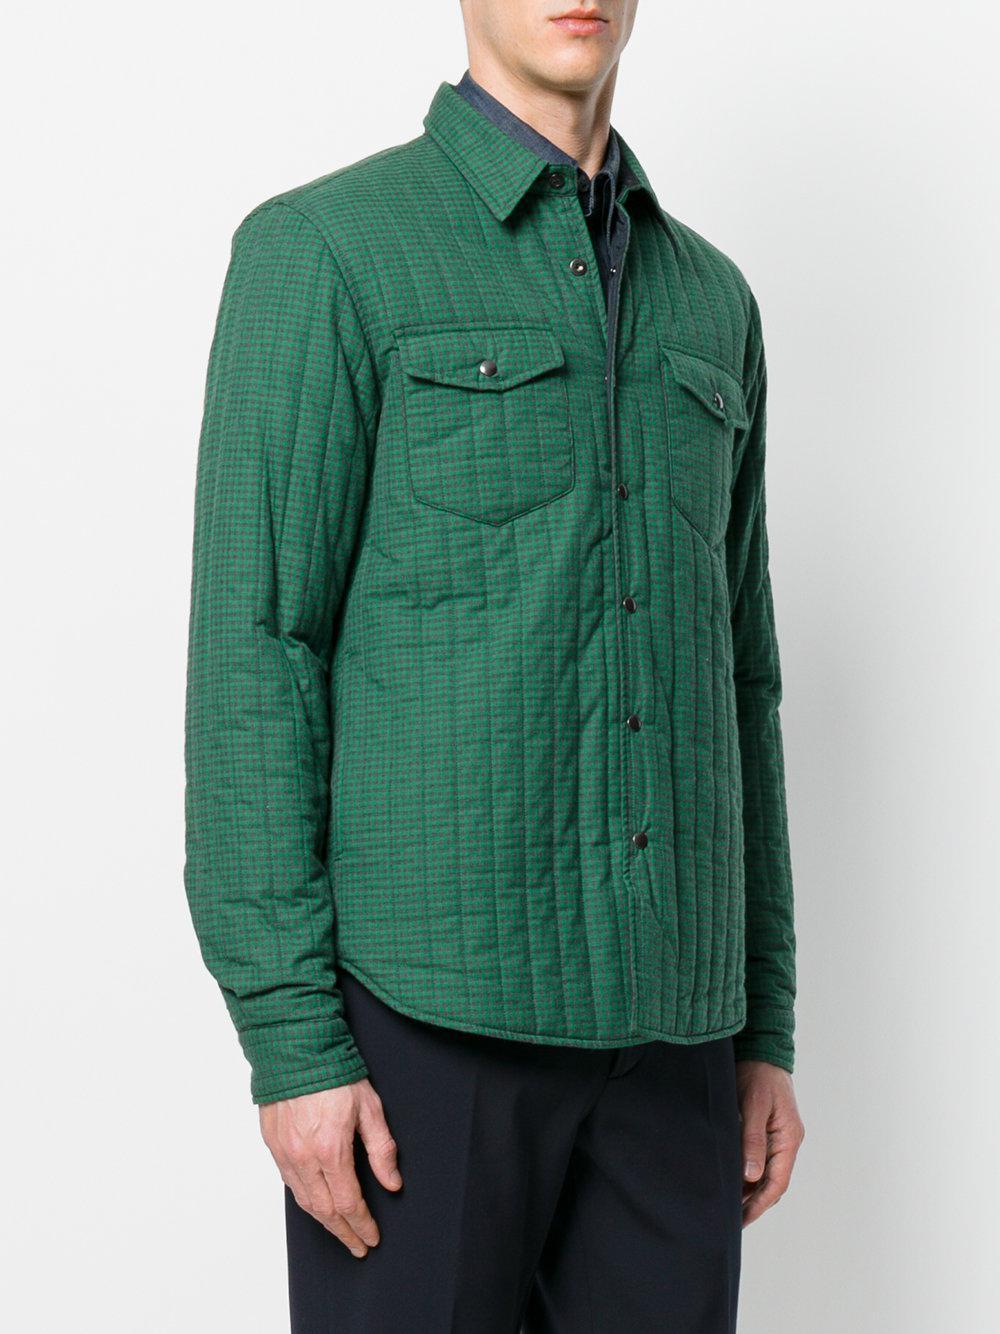 Jacket Bleu Aspesi Button Button Shirt Jacket Shirt wP6Fgg